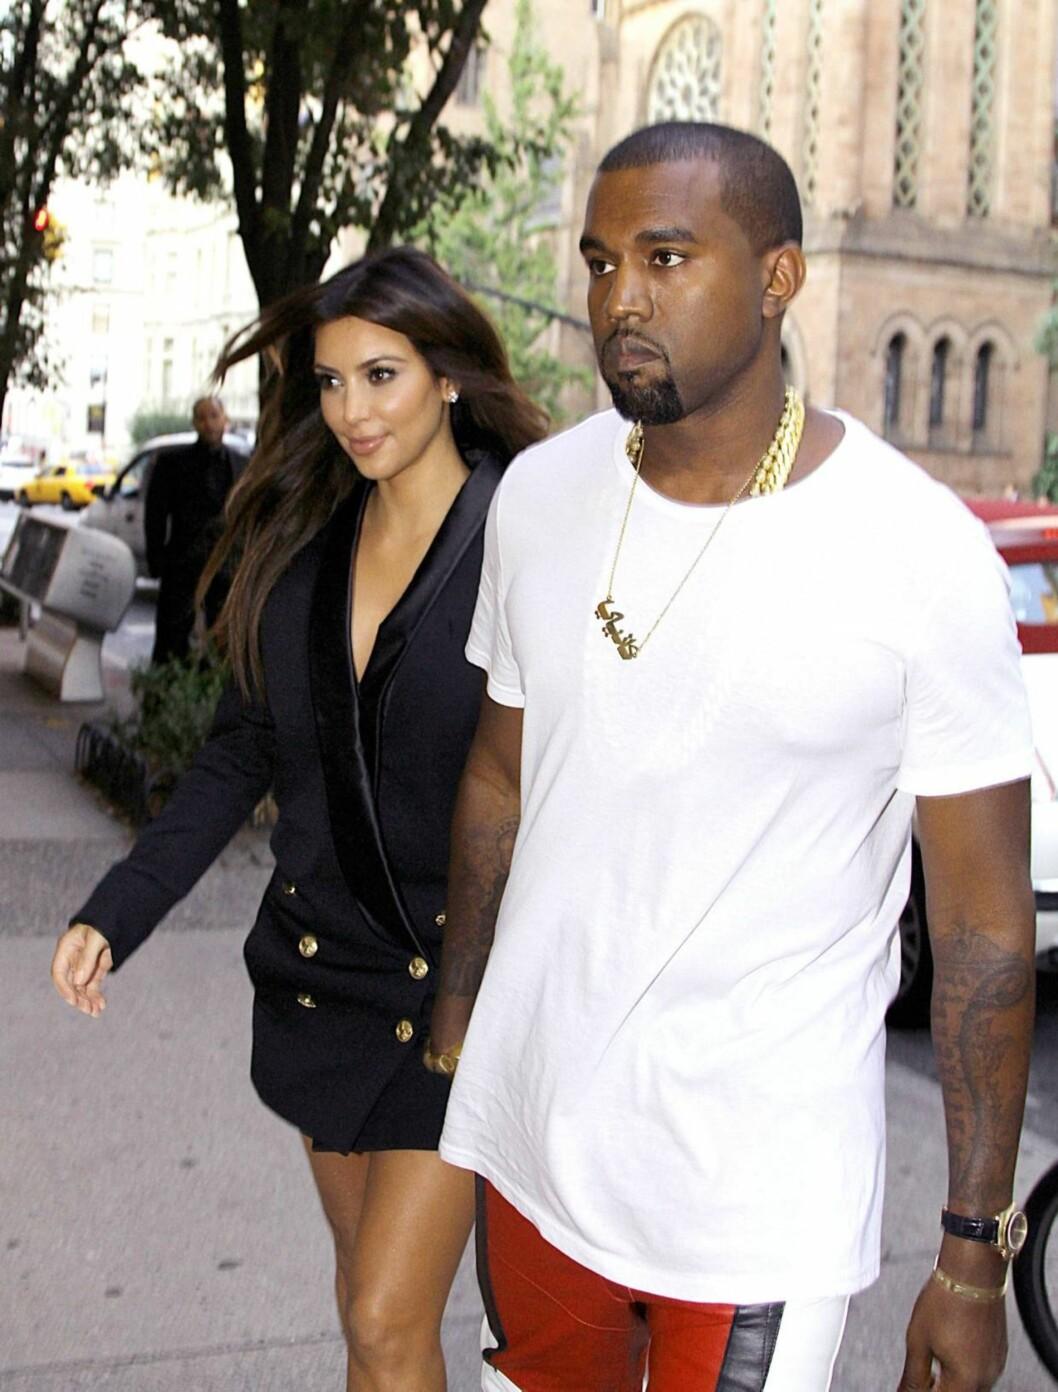 BLIR FORELDRE: Kanye West og Kim Kardashian blir foreldre for første gang i 2013. Foto: All Over Press